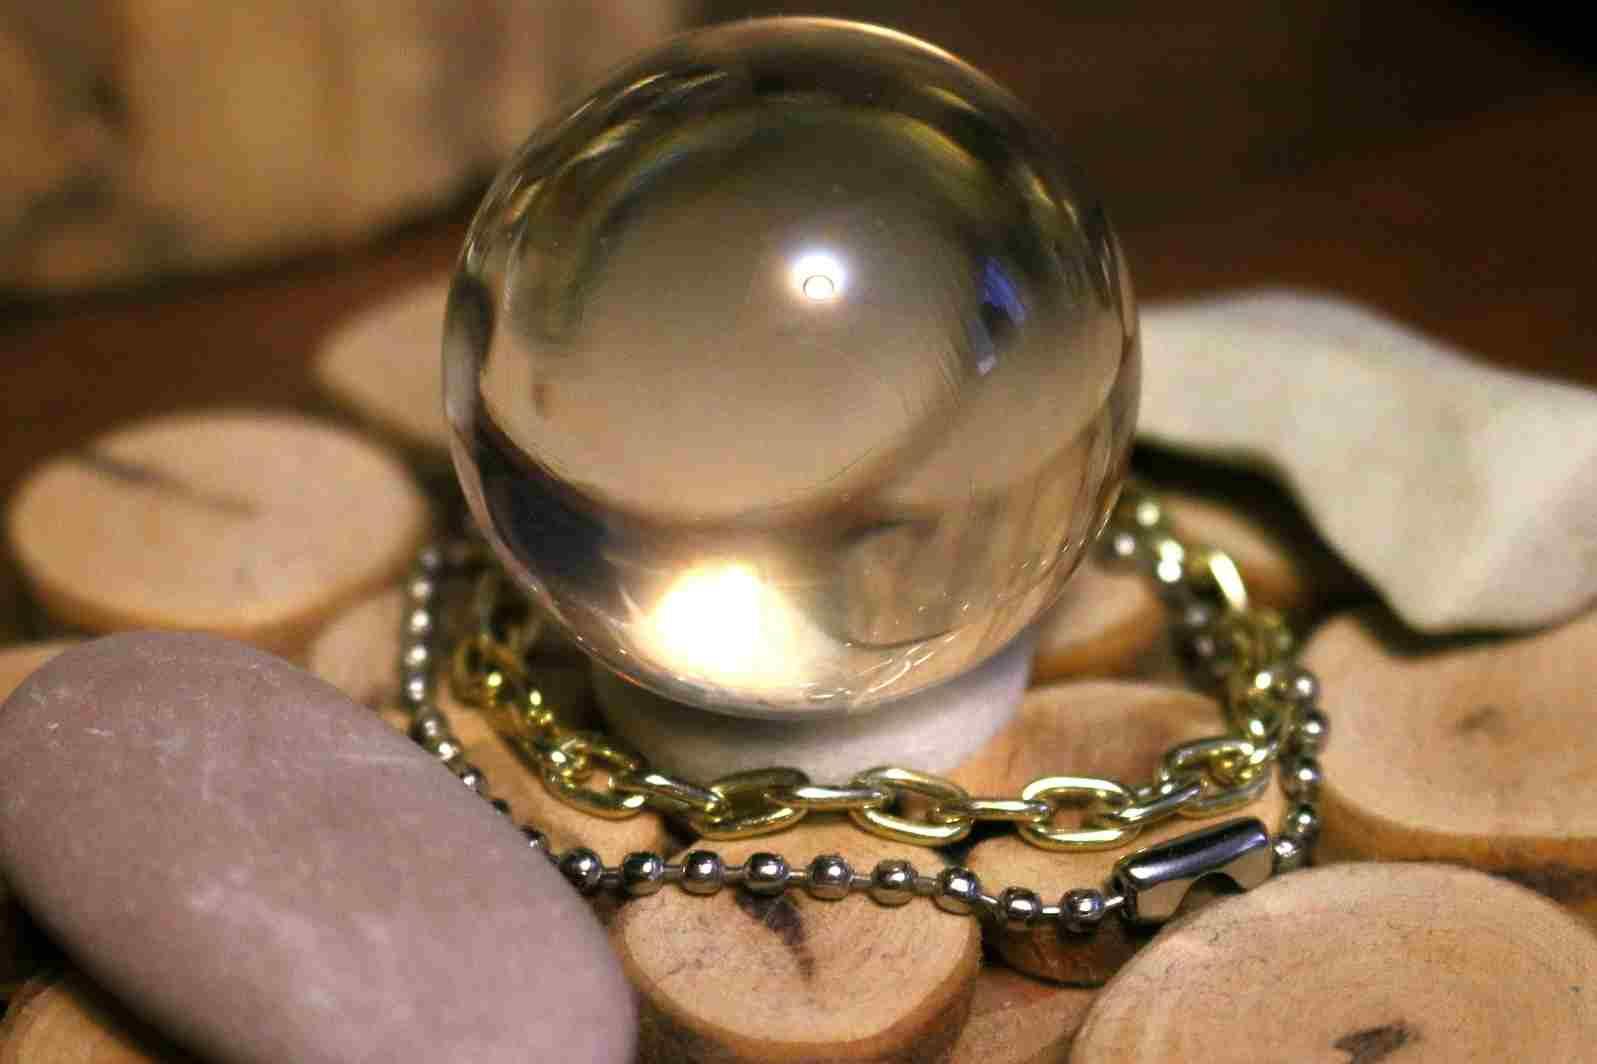 Una bola de cristal rodeada de colgantes y piedras mágicas